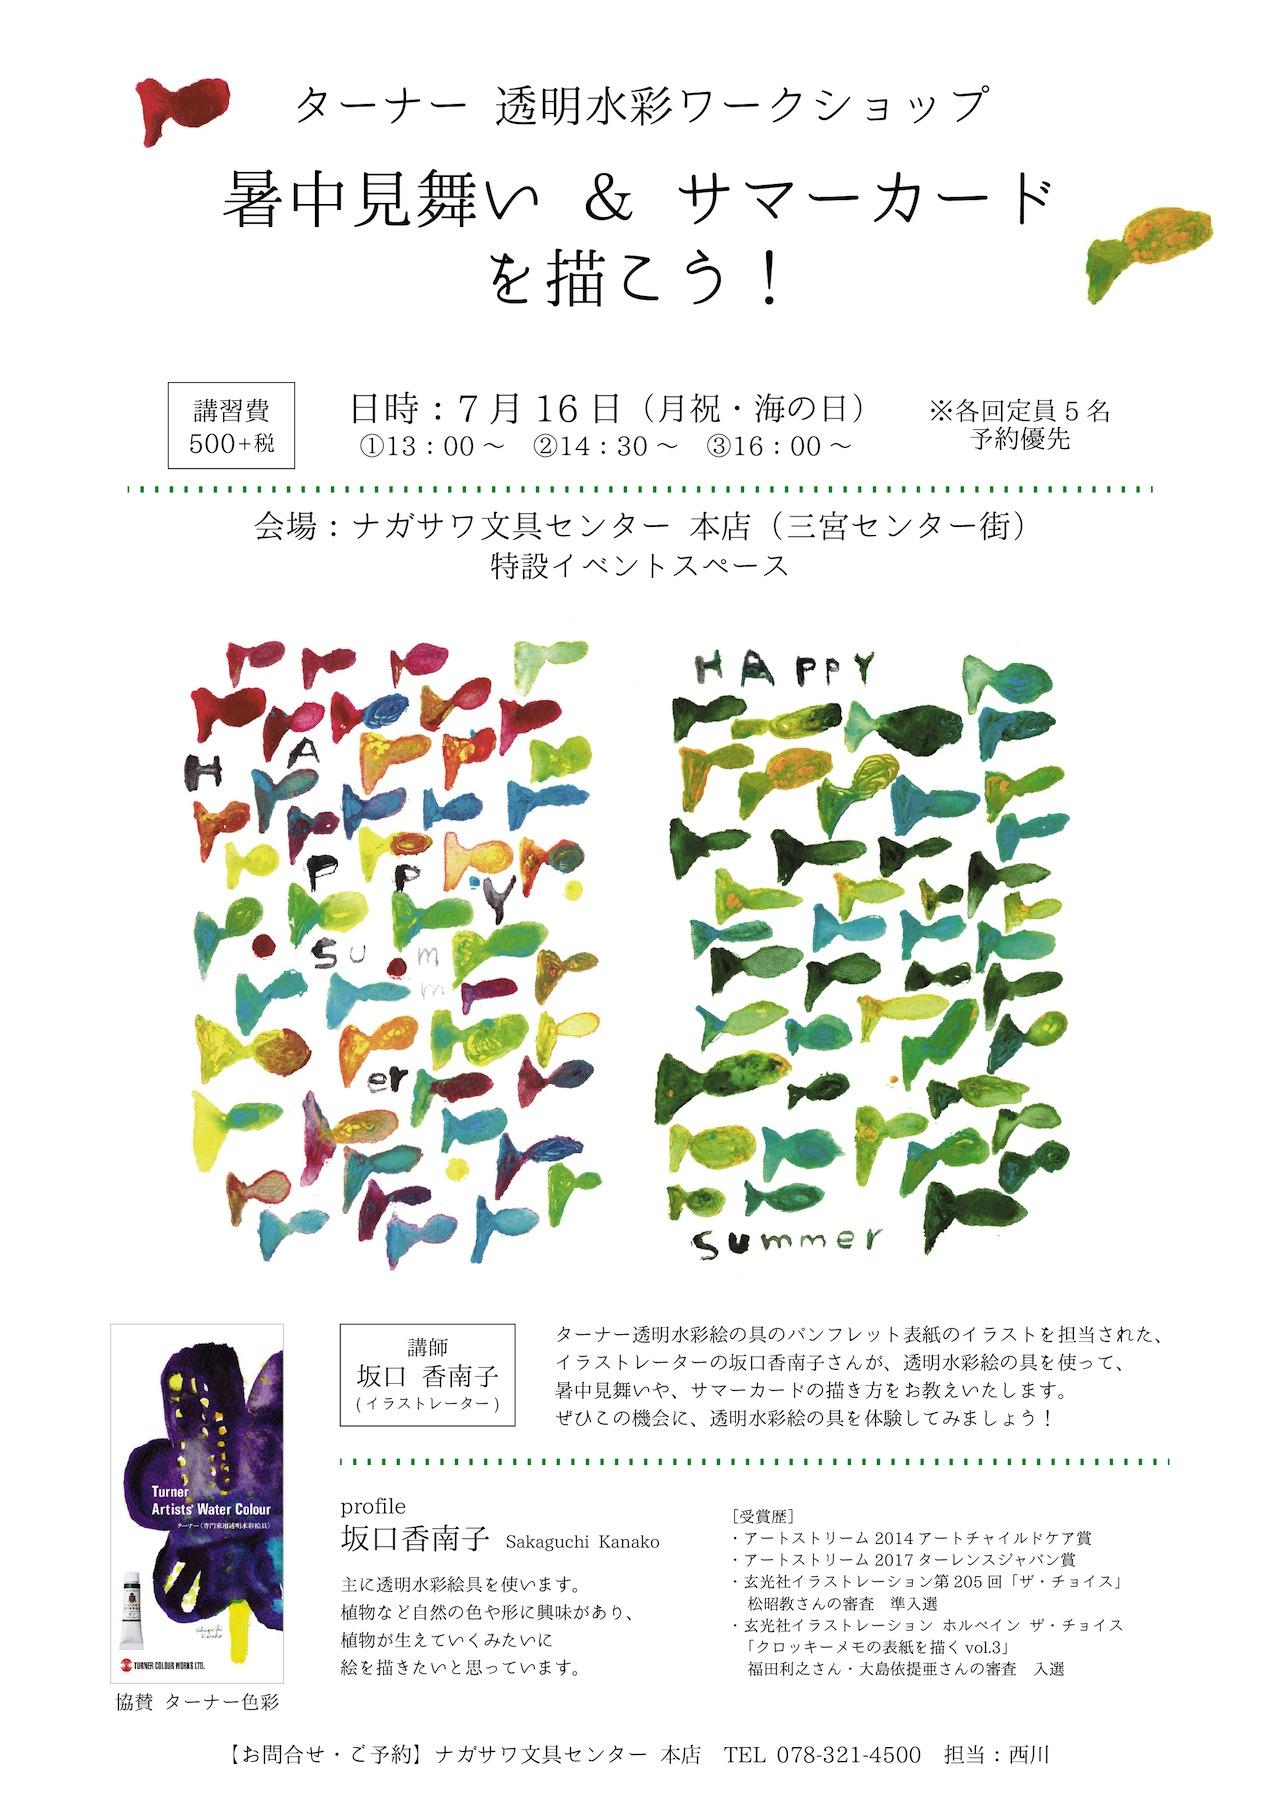 【本店】透明水彩絵の具を使って暑中見舞い・サマーカードを描こう